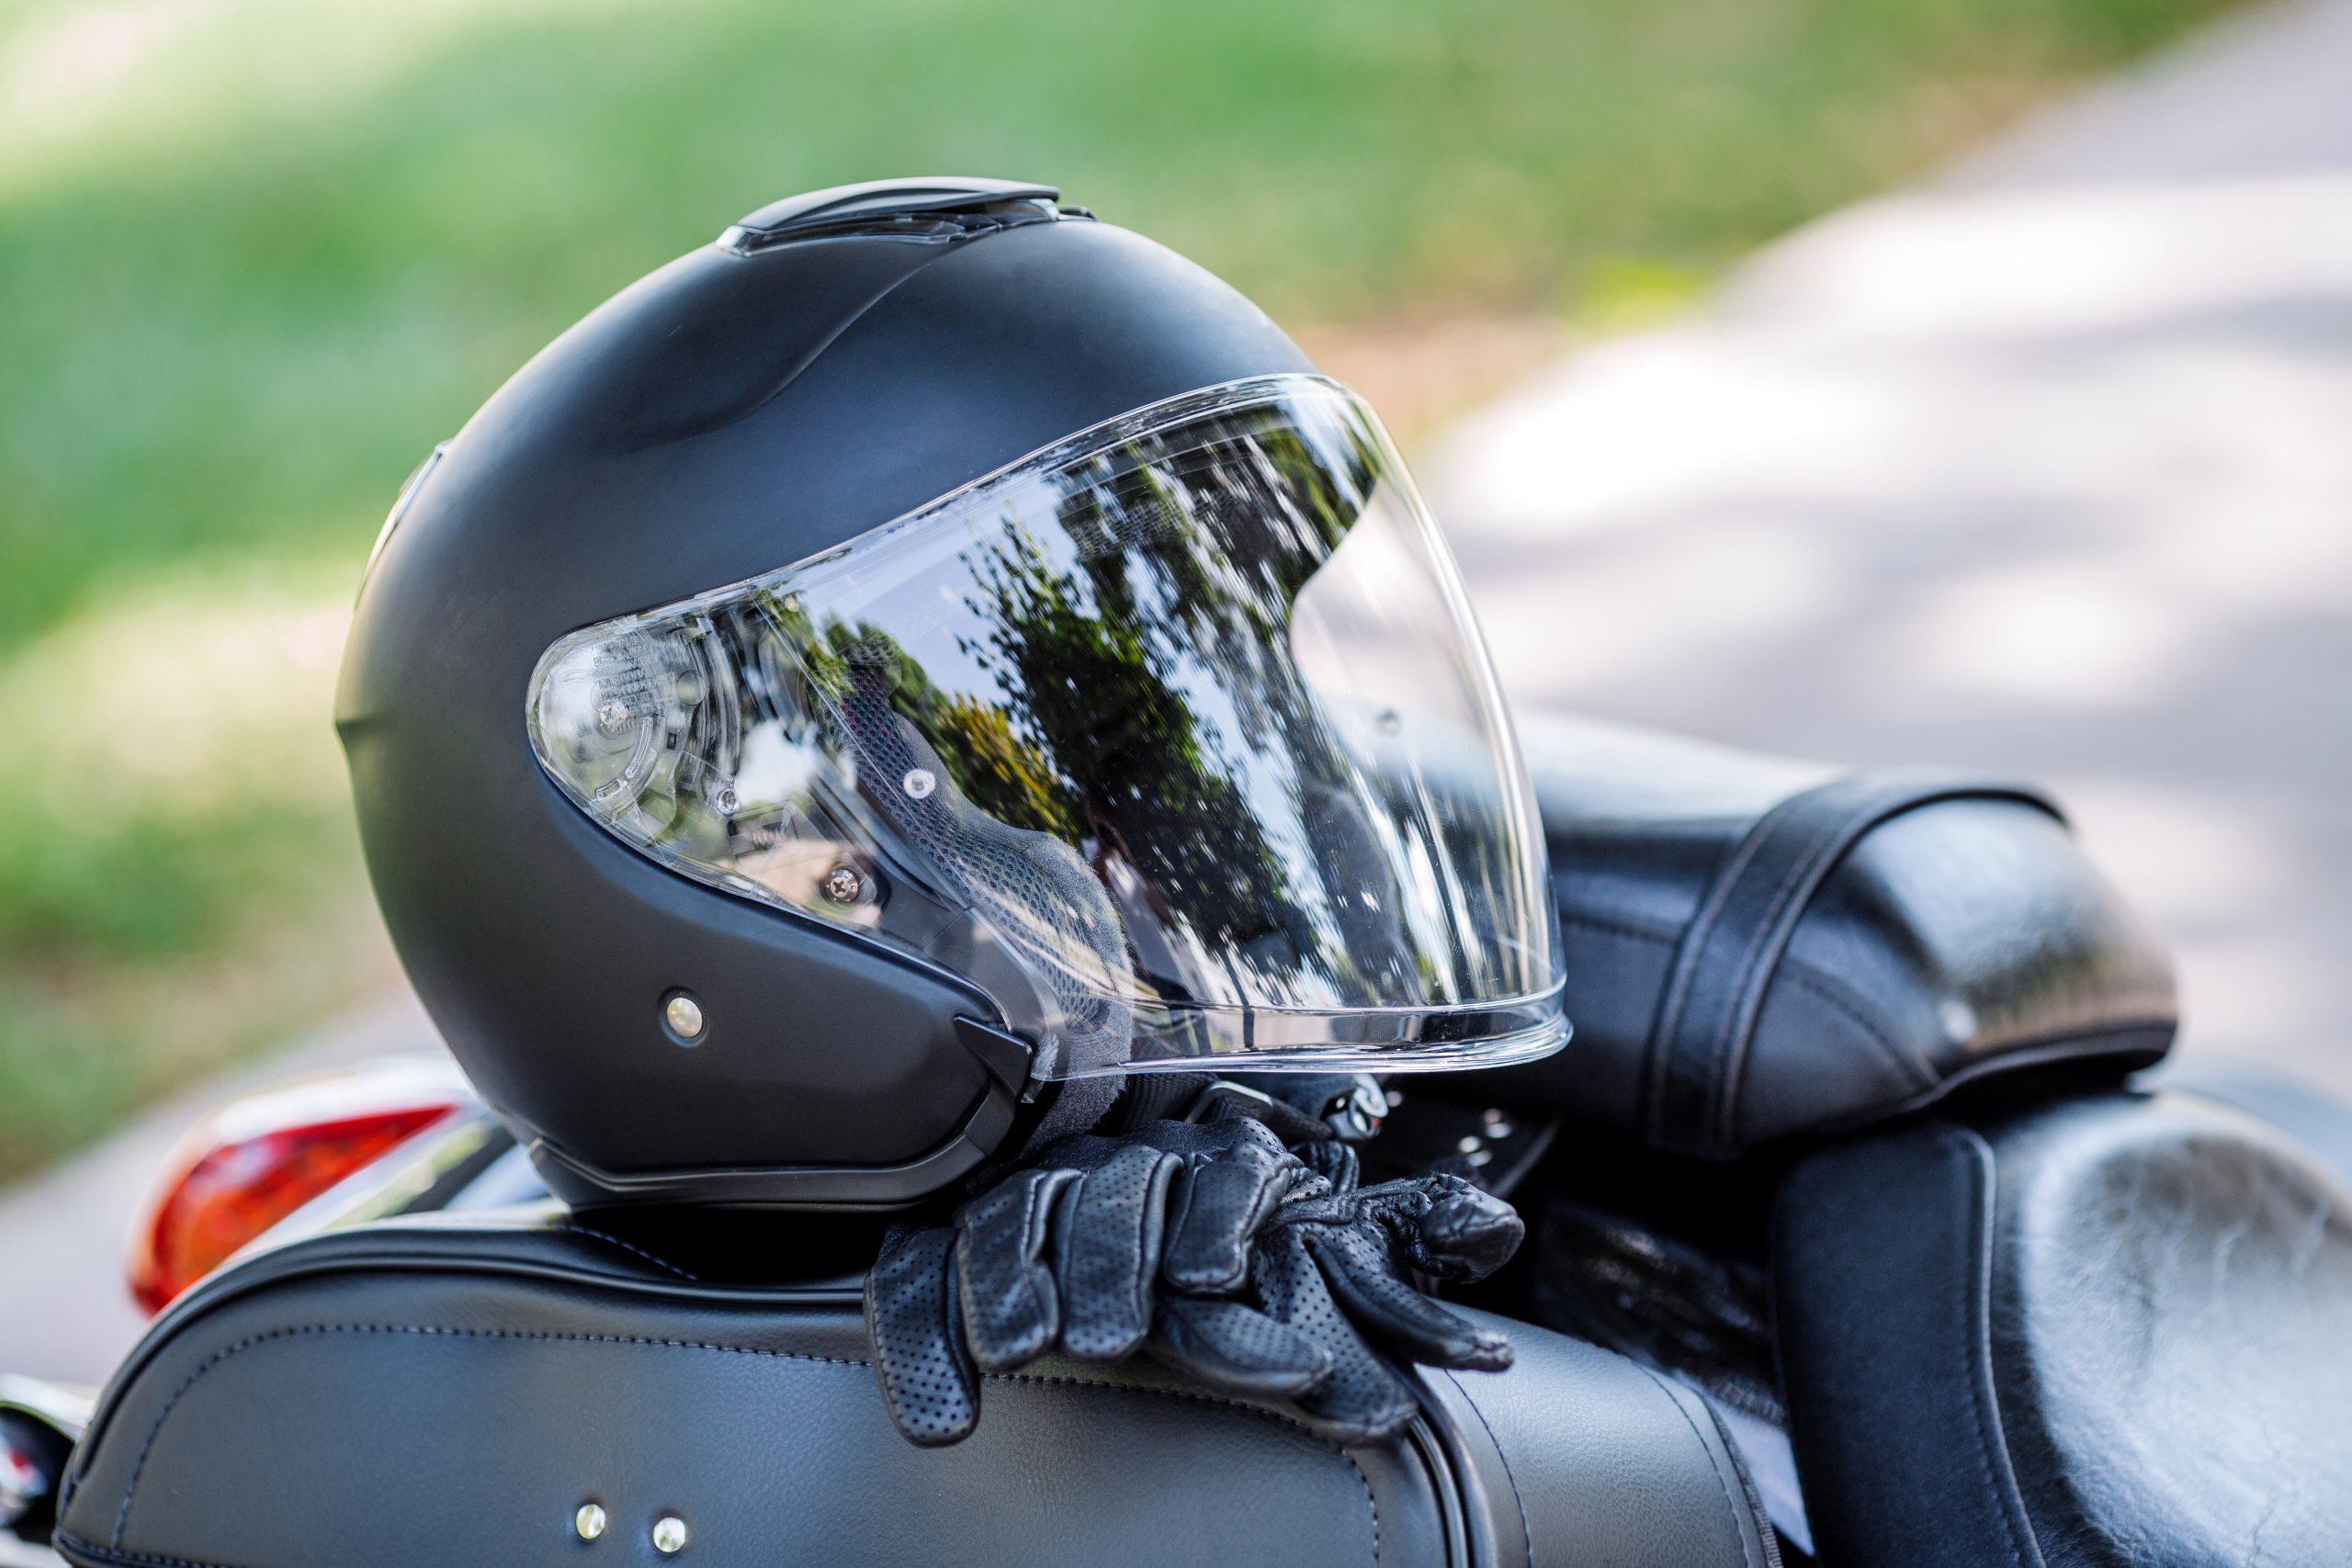 Casque de moto : la réglementation pour choisir son casque